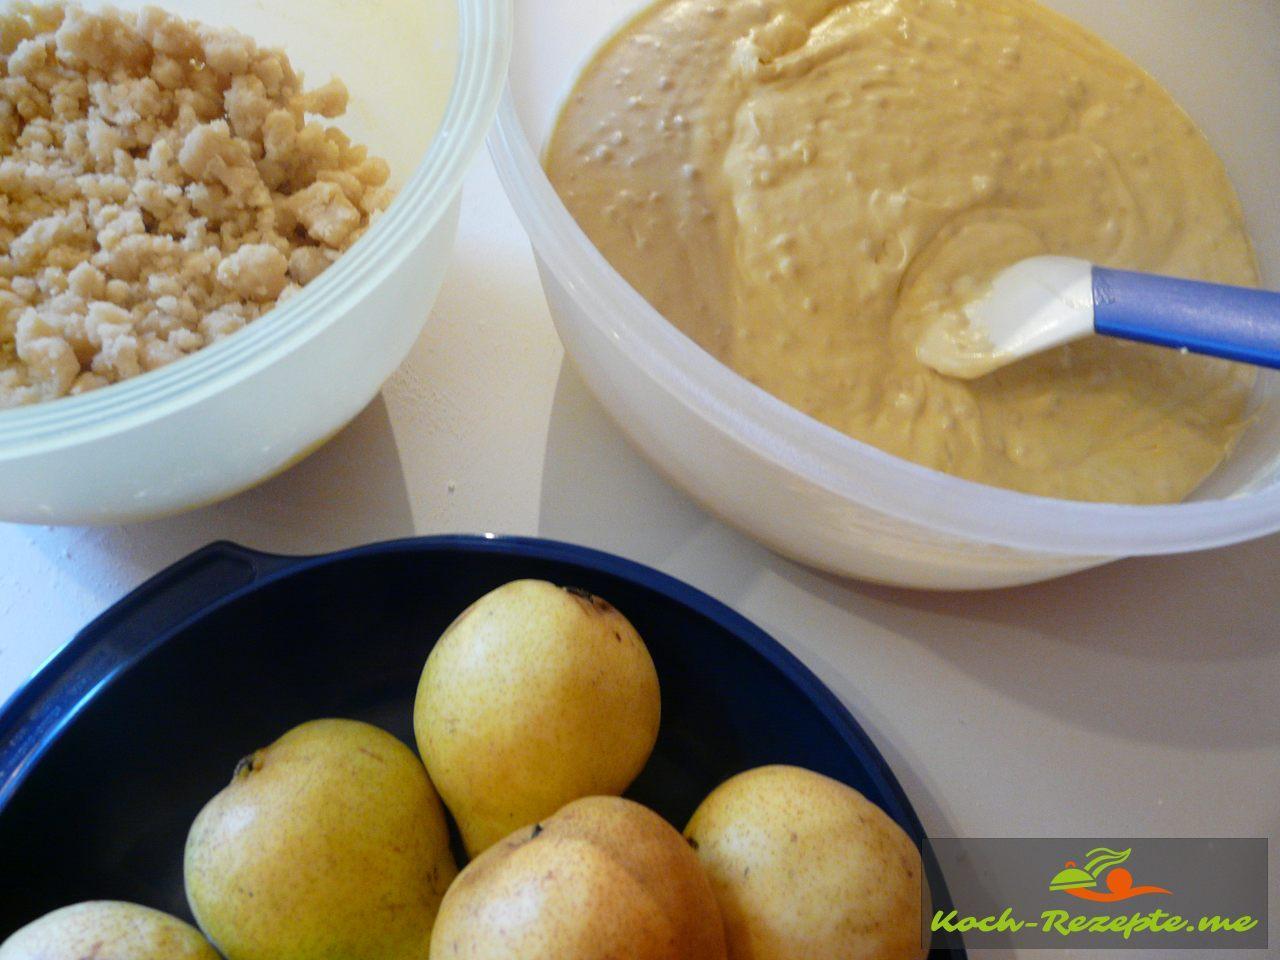 alle Zutaten: Fertiger Streusel,Teig und Birnen